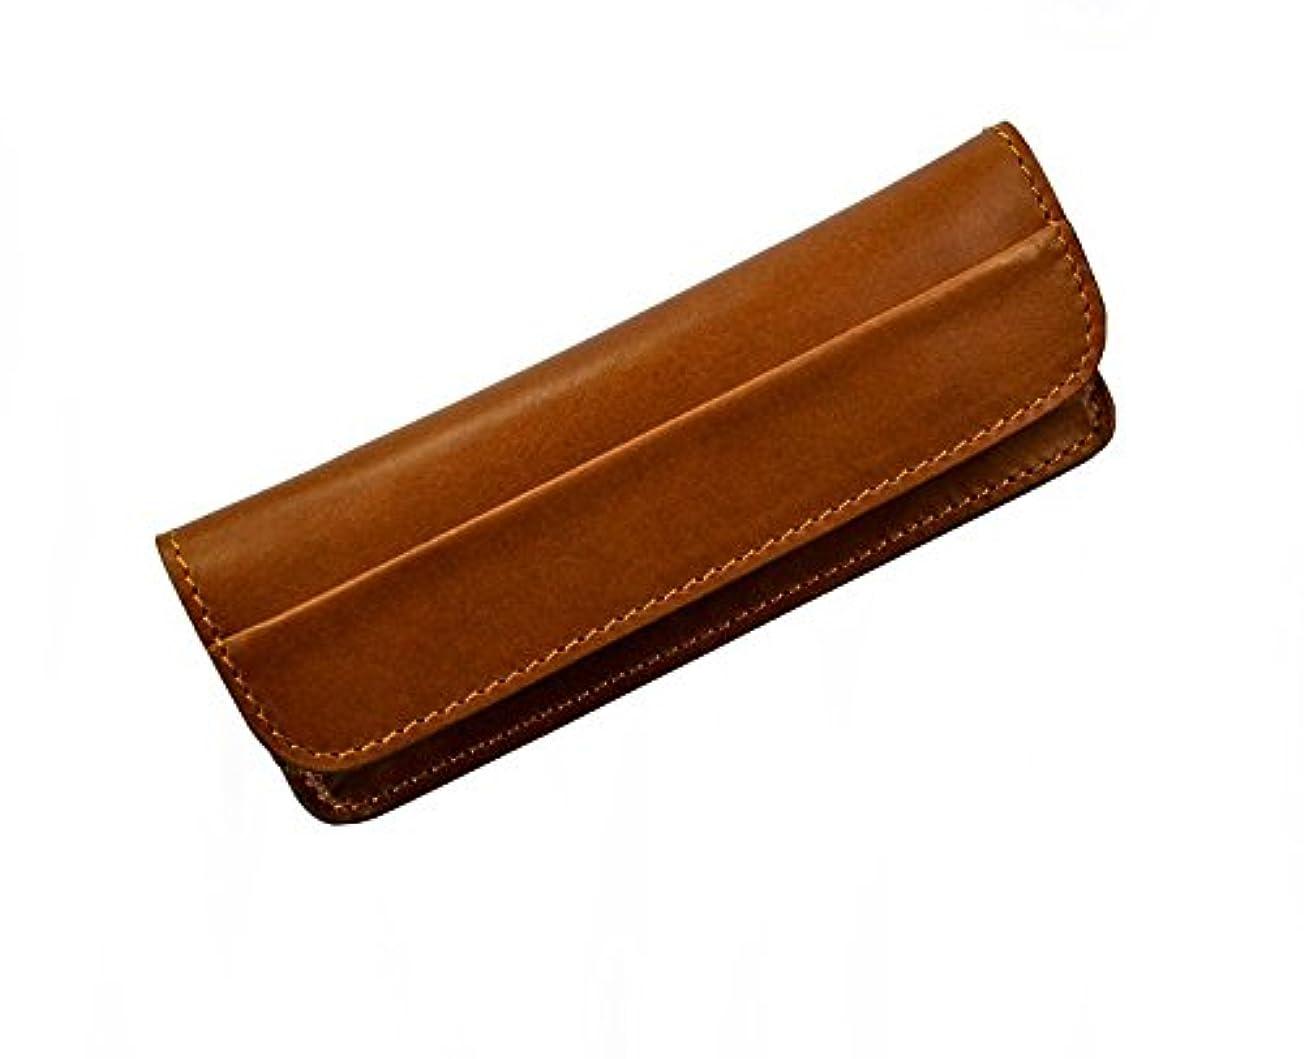 イソギンチャク乱雑なチームMax Capdebarthes Pocket knife sheath, Tendance 13 cm, Maya (brown)